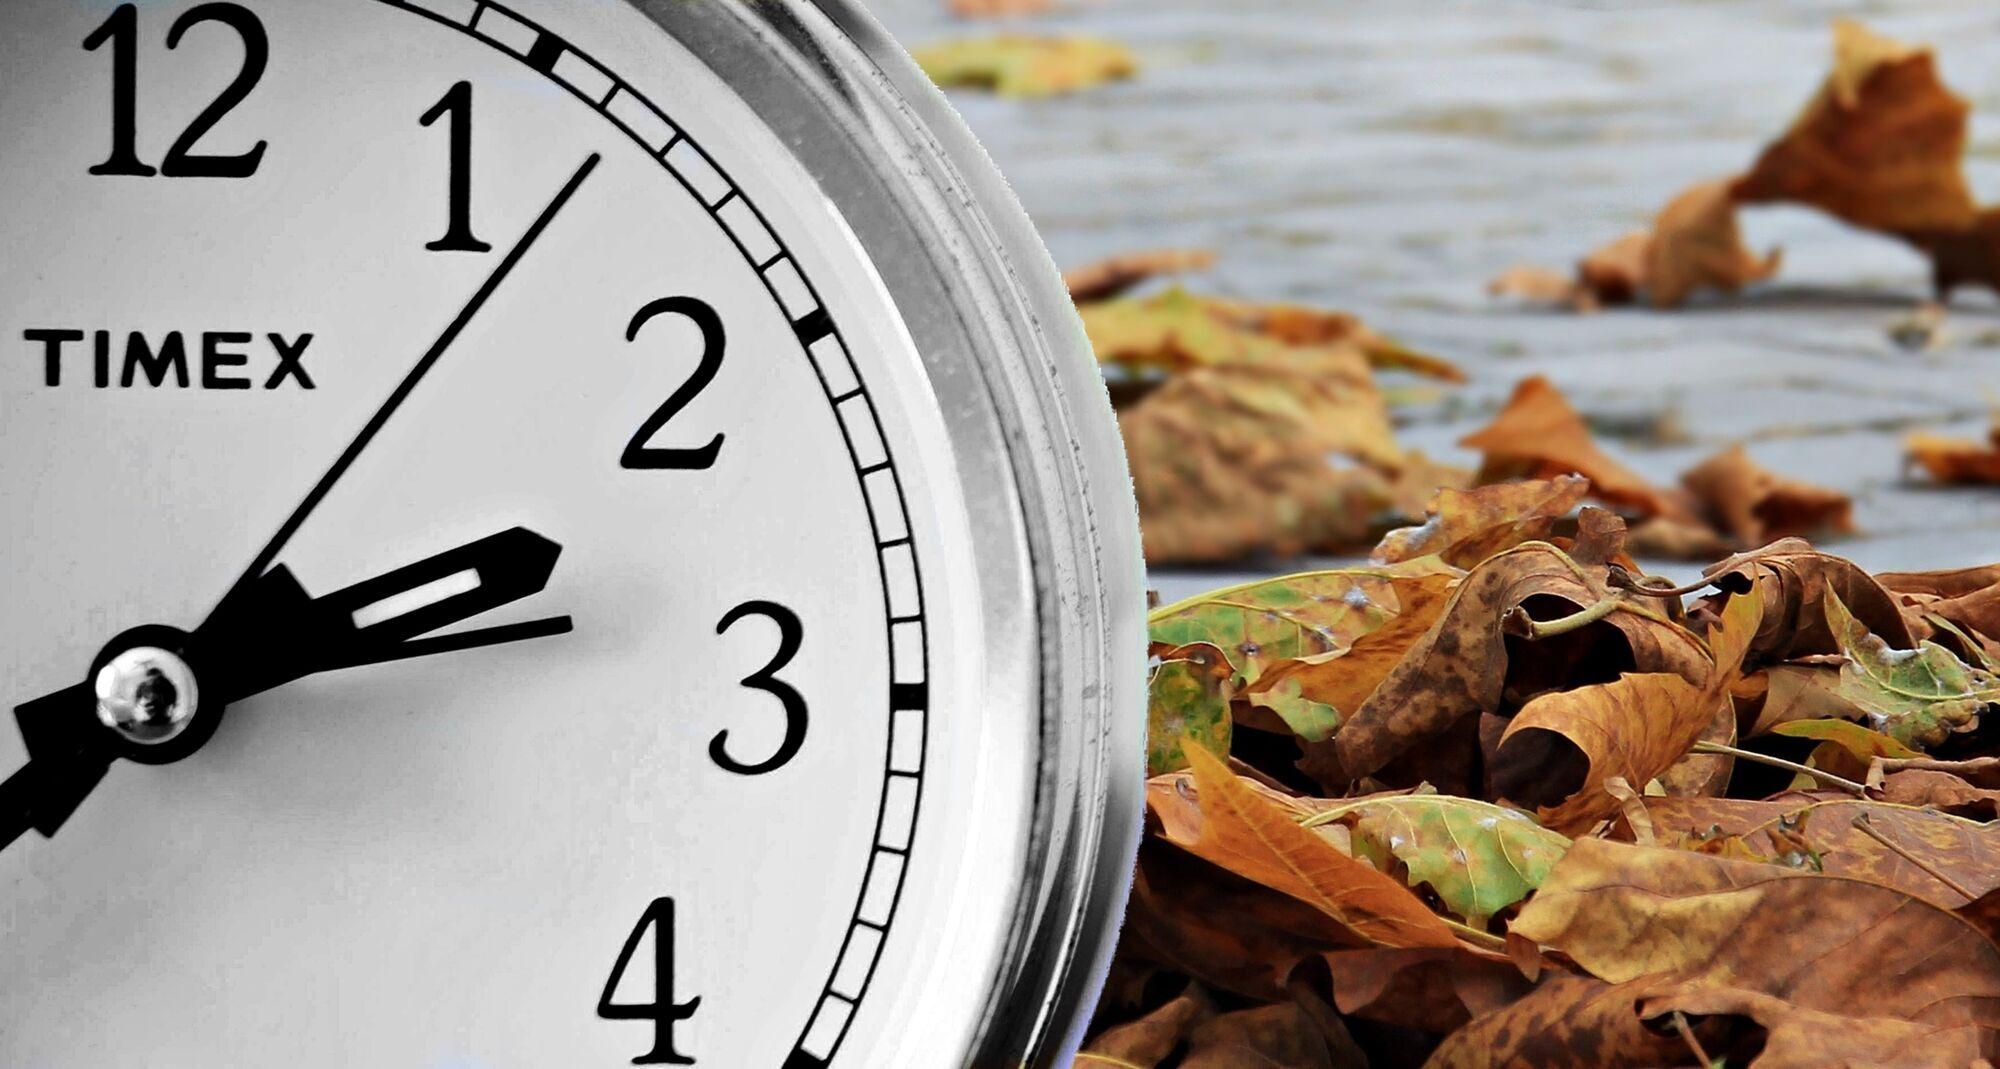 Переведення годинника на зимовий час 2021 року в Україні відбудеться в ніч із 30 на 31 жовтня